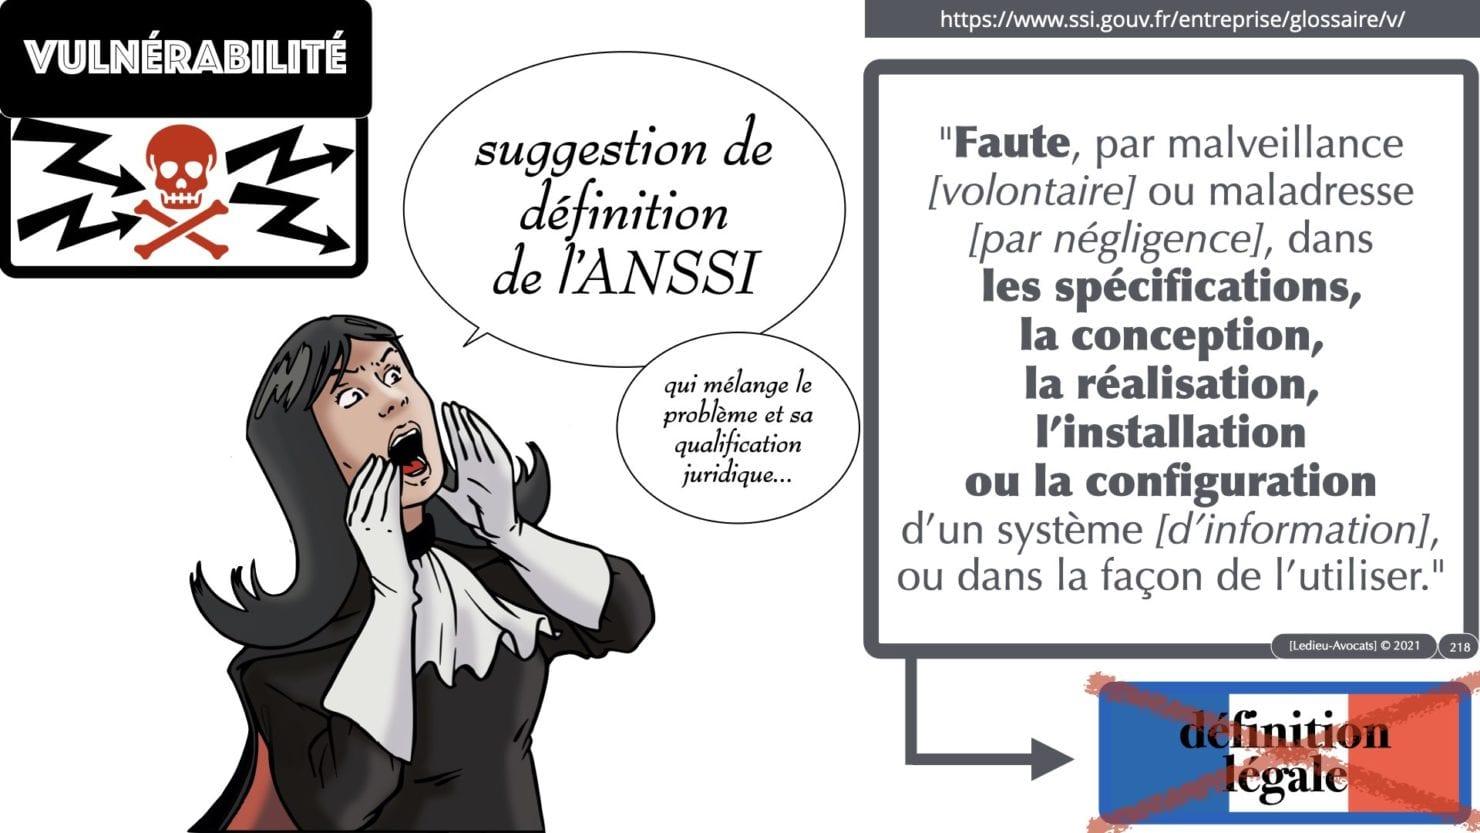 333 CYBER ATTAQUE responsabilité pénale civile contrat © Ledieu-Avocats 23-05-2021.218